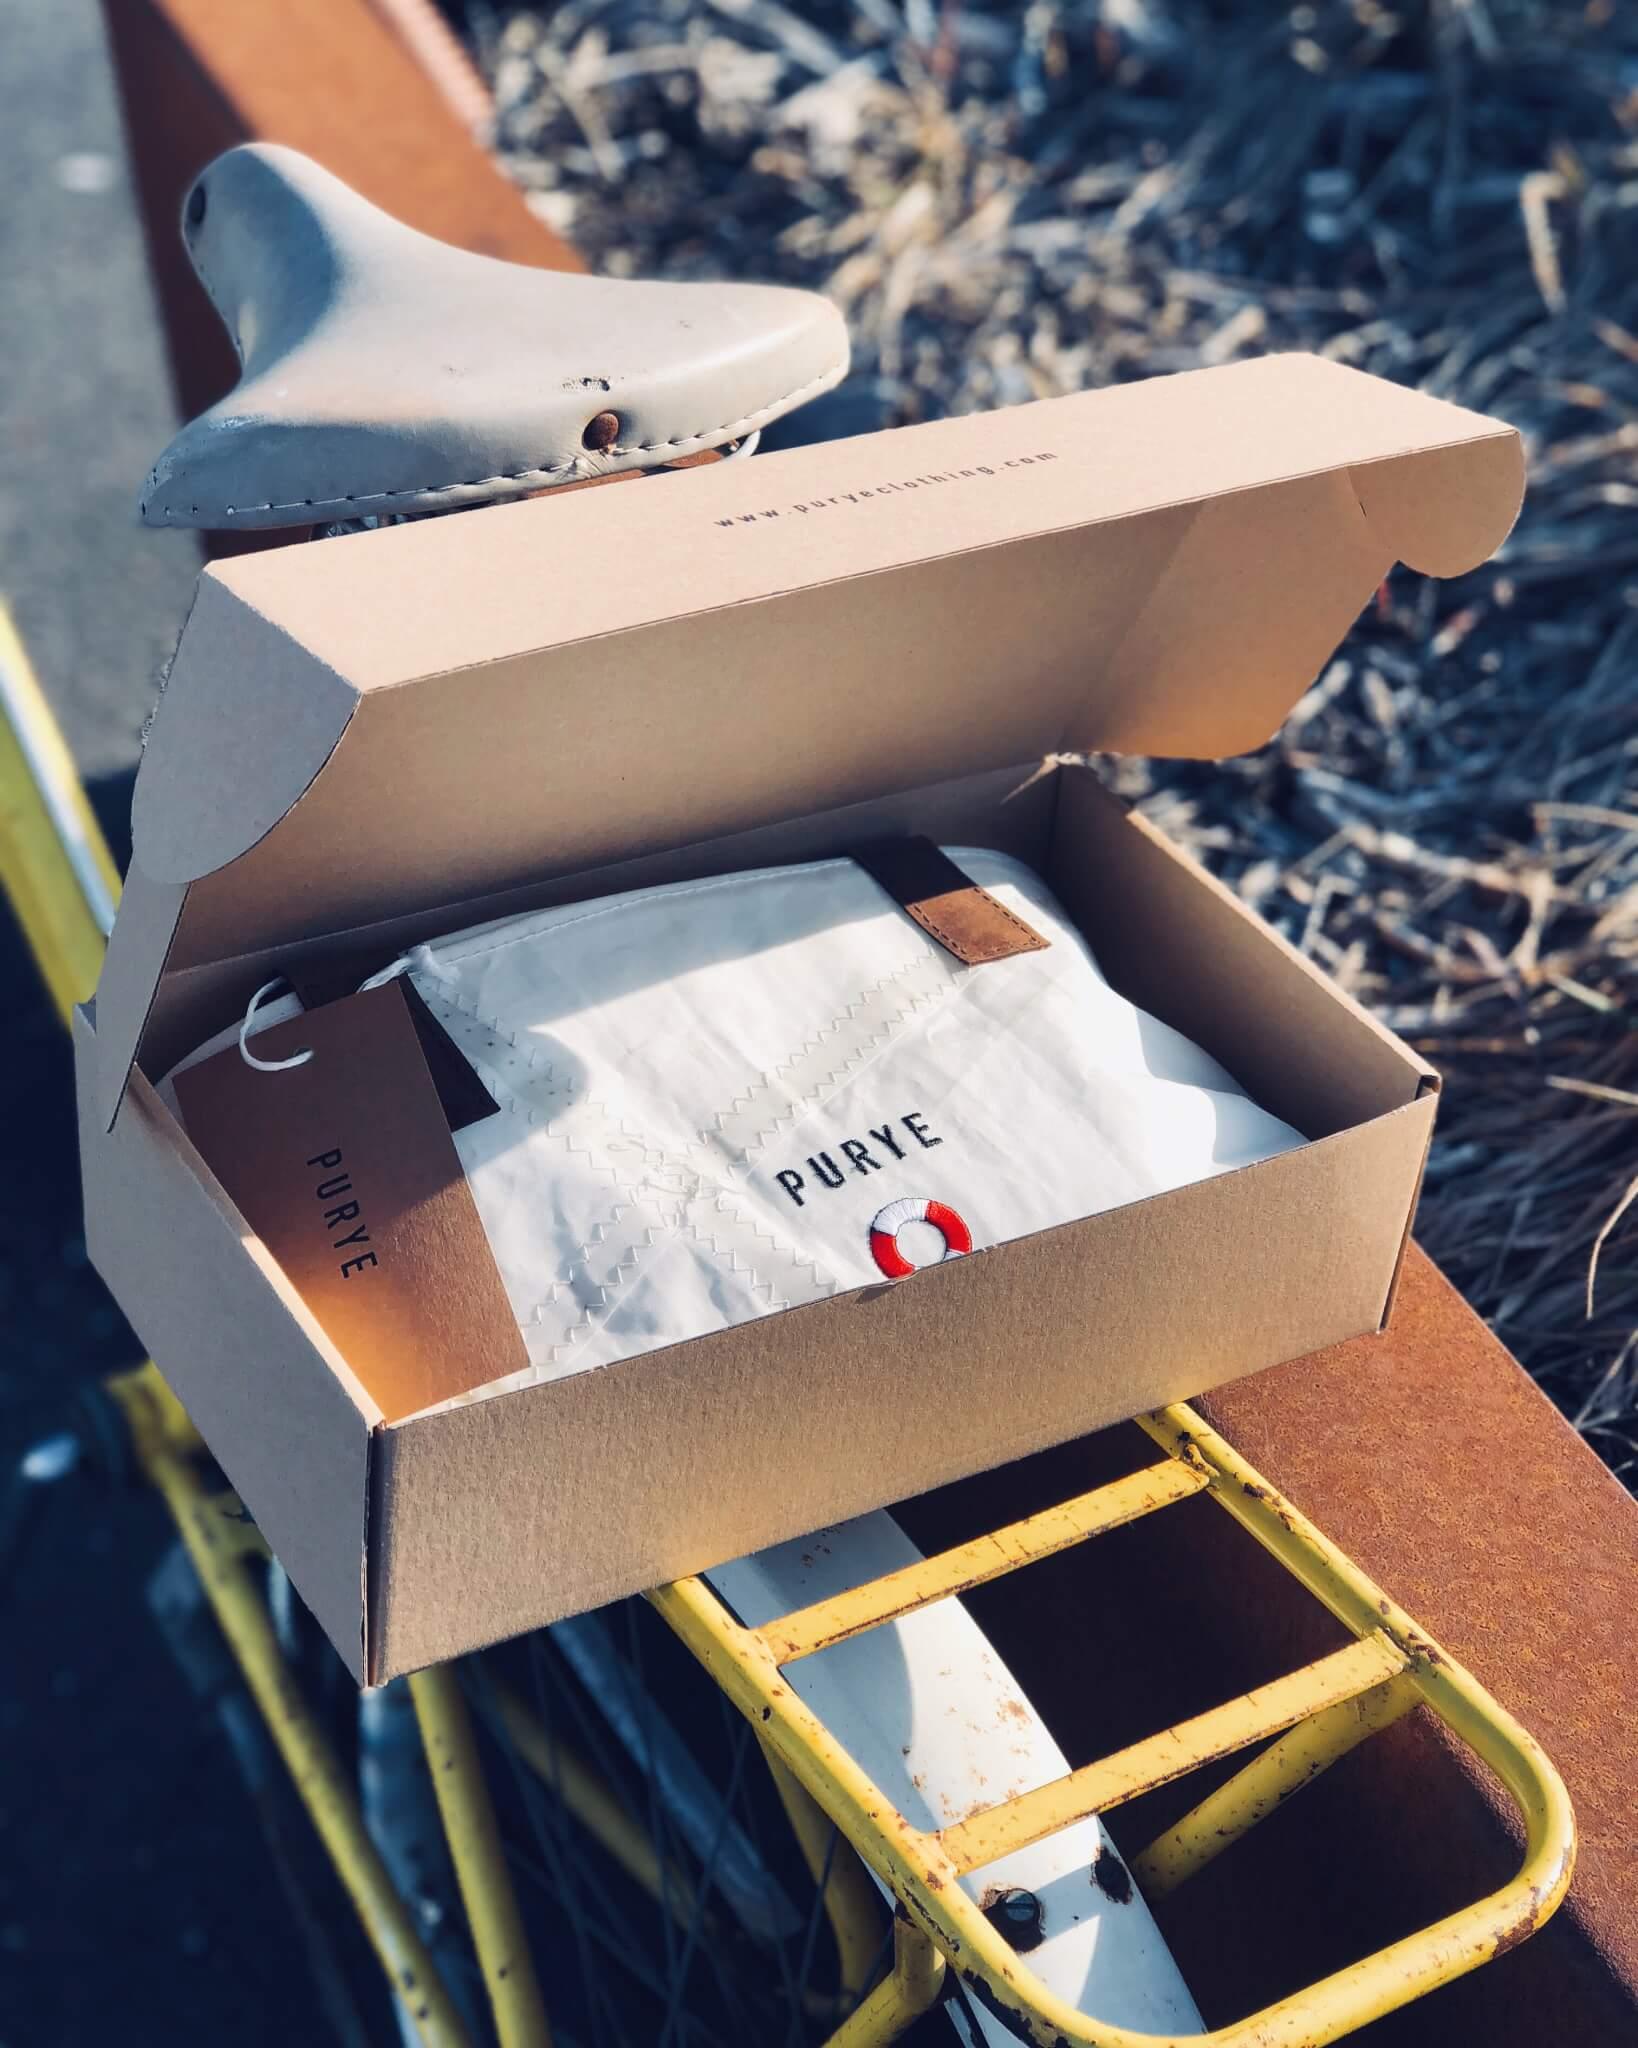 Verpackung von Purye Clothing mit aufdruck